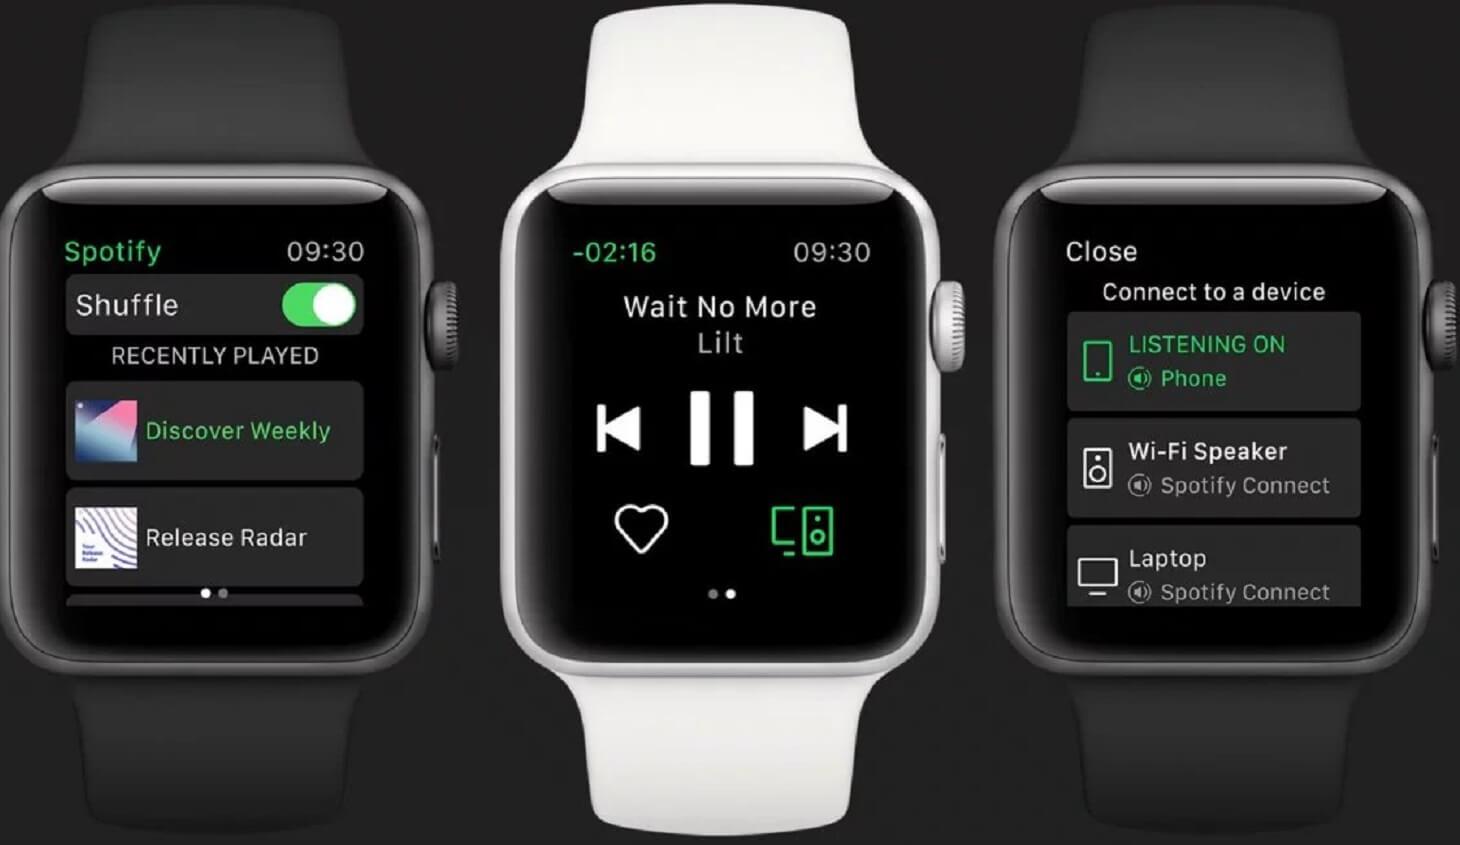 spotify apple watch release